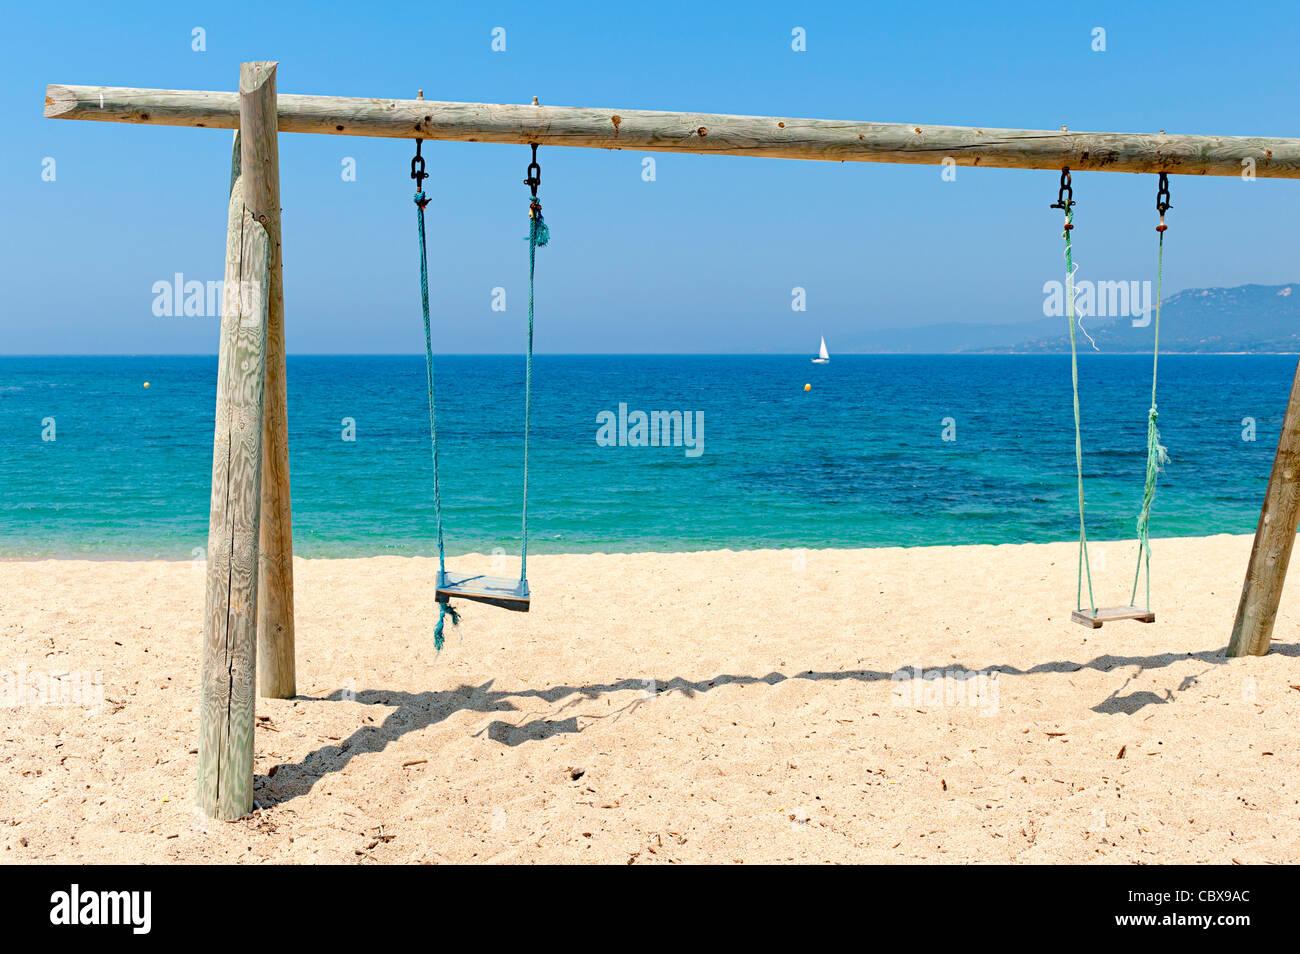 Balancelle Double balancelle double sur la plage par la mer banque d'images, photo